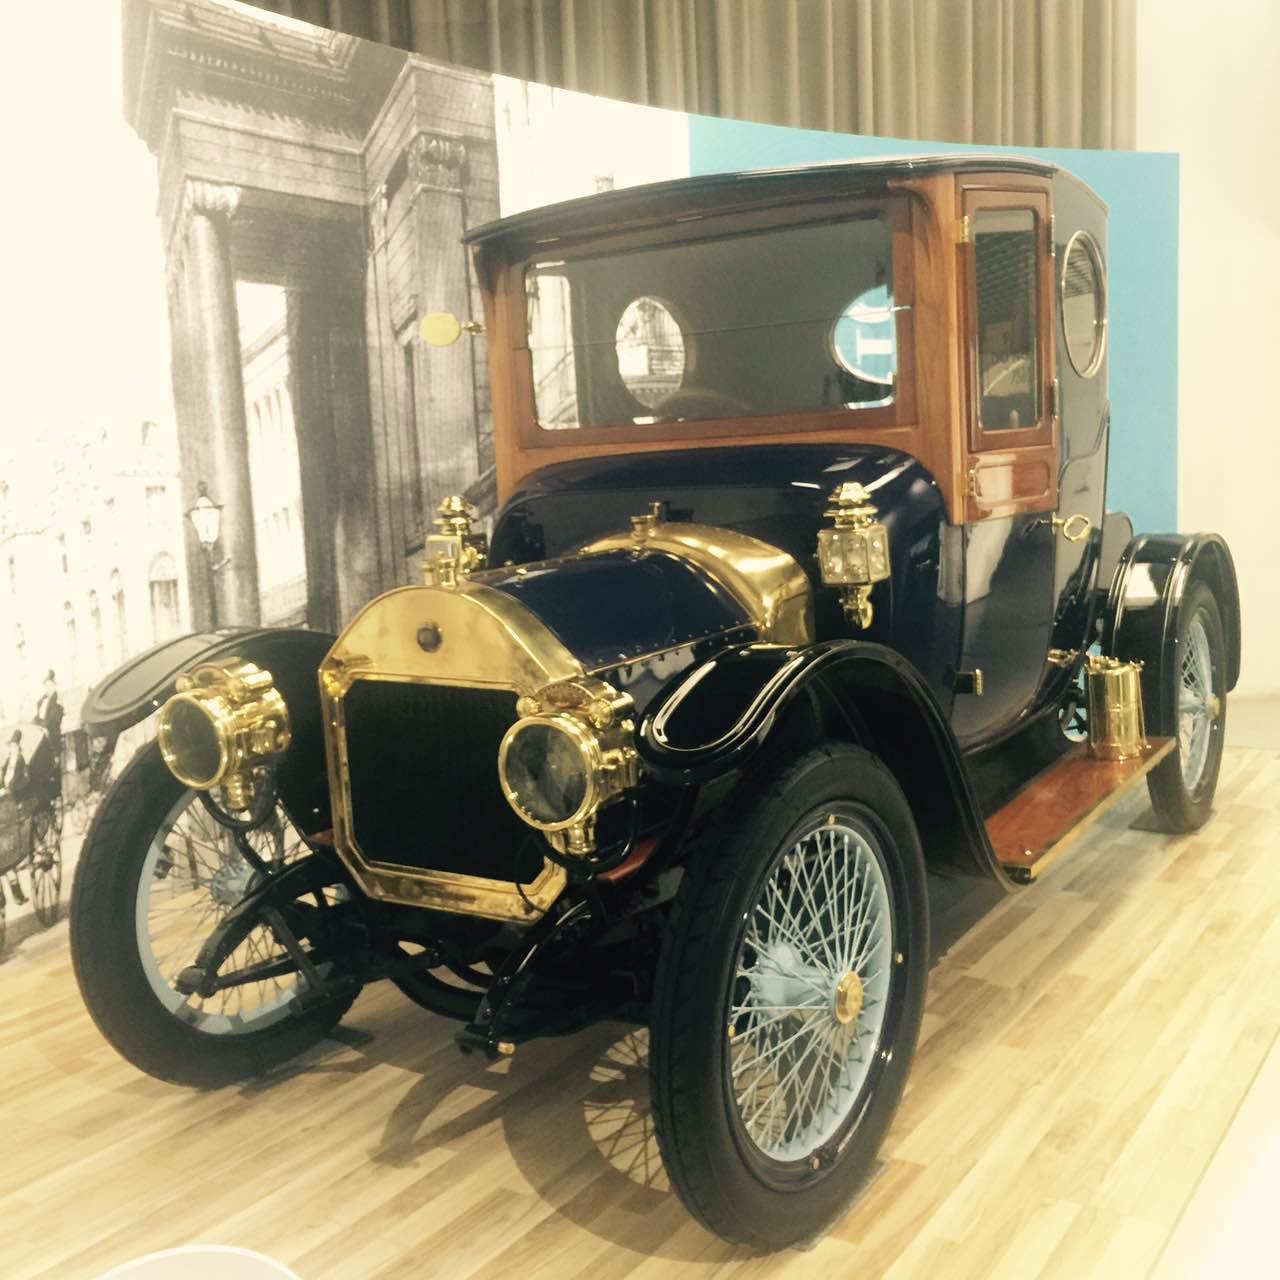 设计周主题展览《经典回顾——摩登时代汽车设计展》亮相中华世纪坛